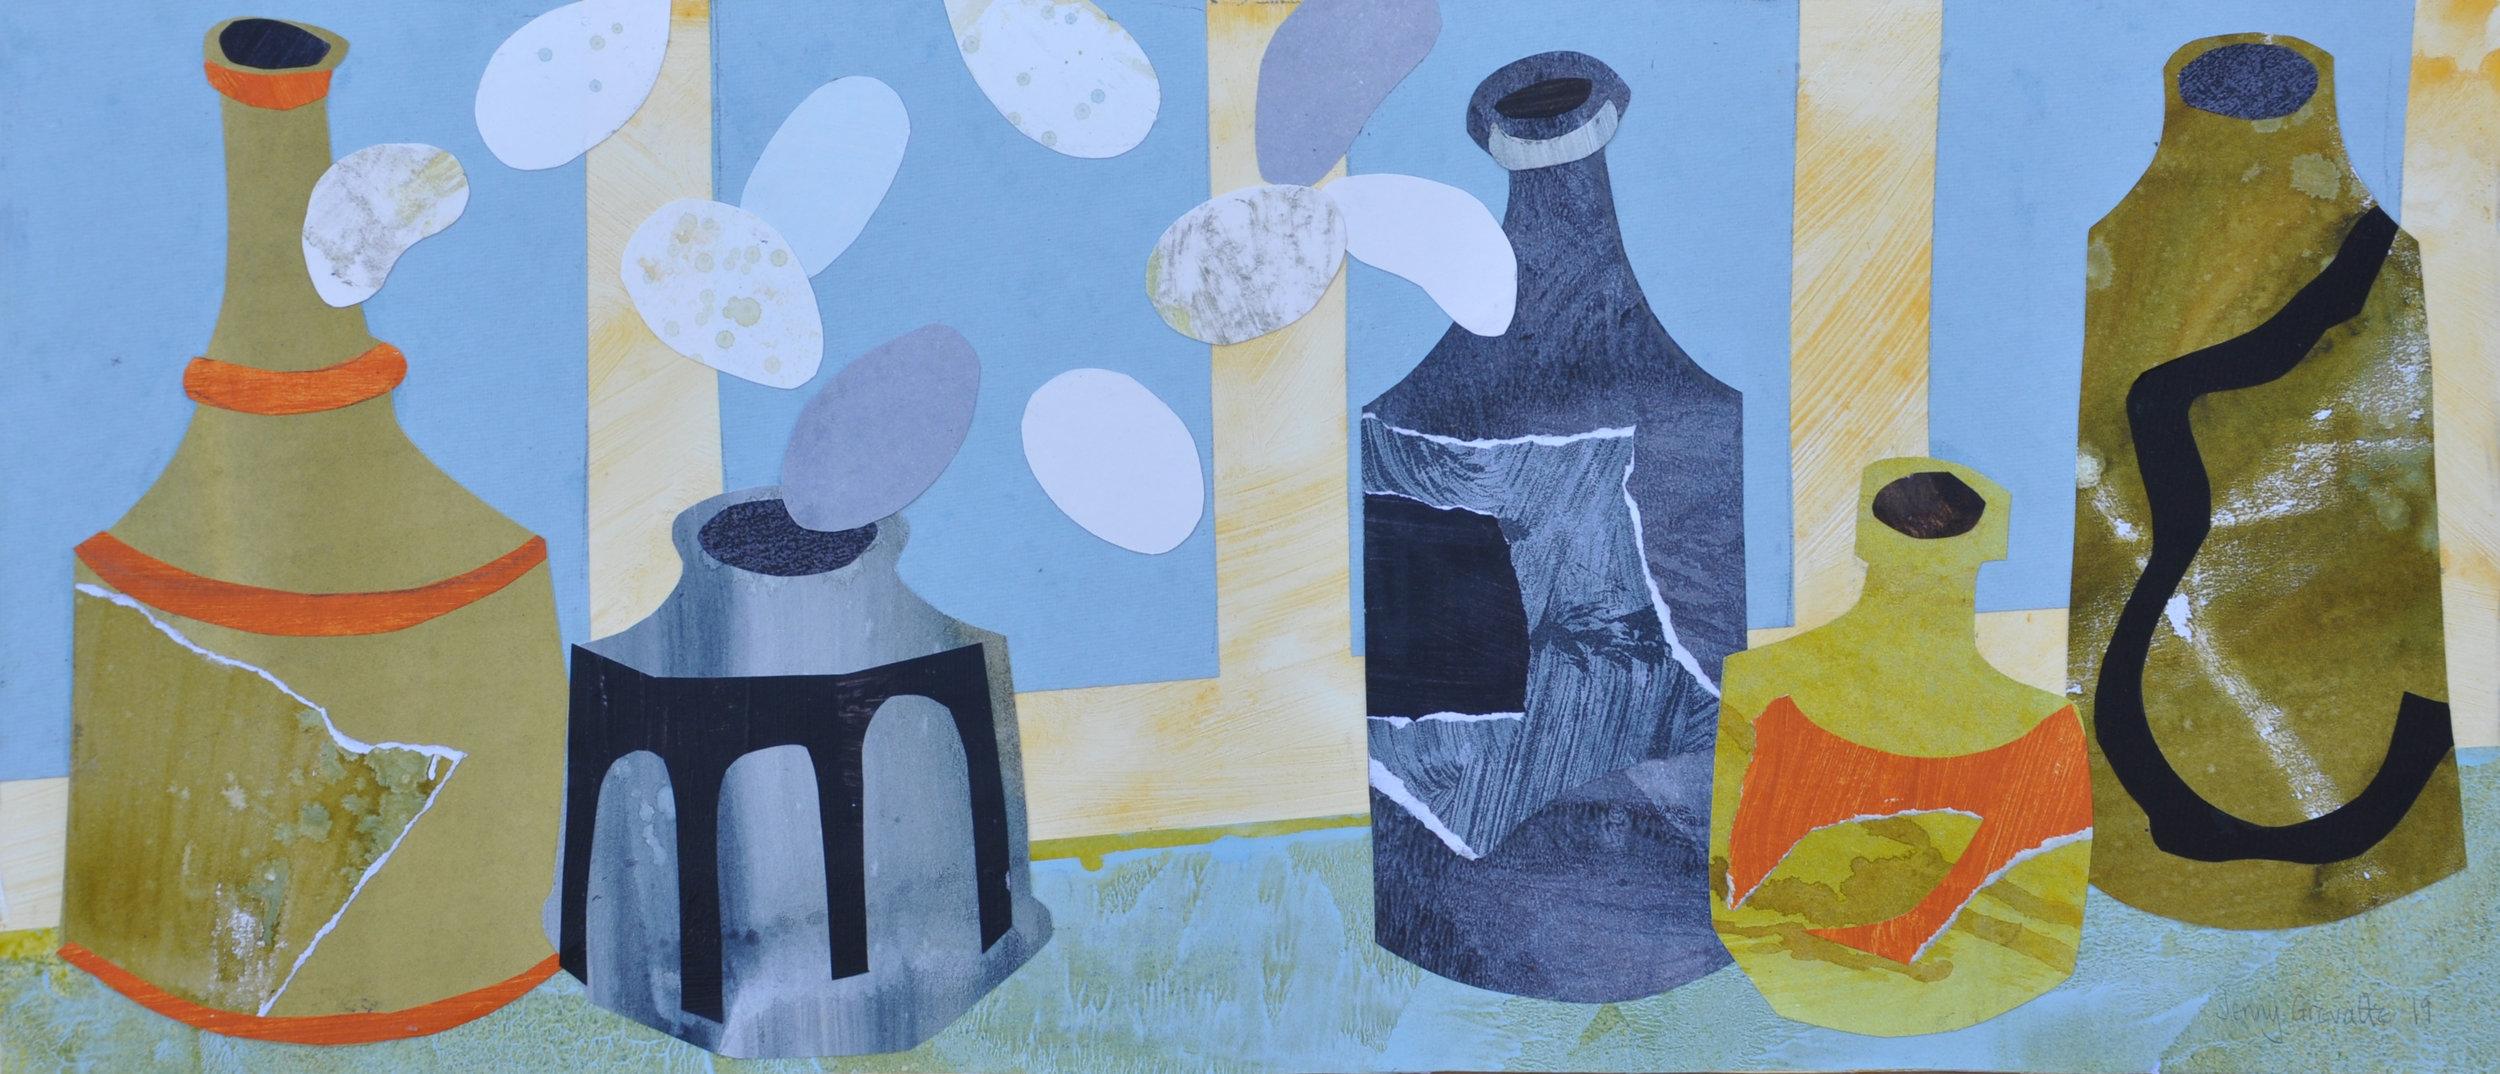 John's bottles in the studio